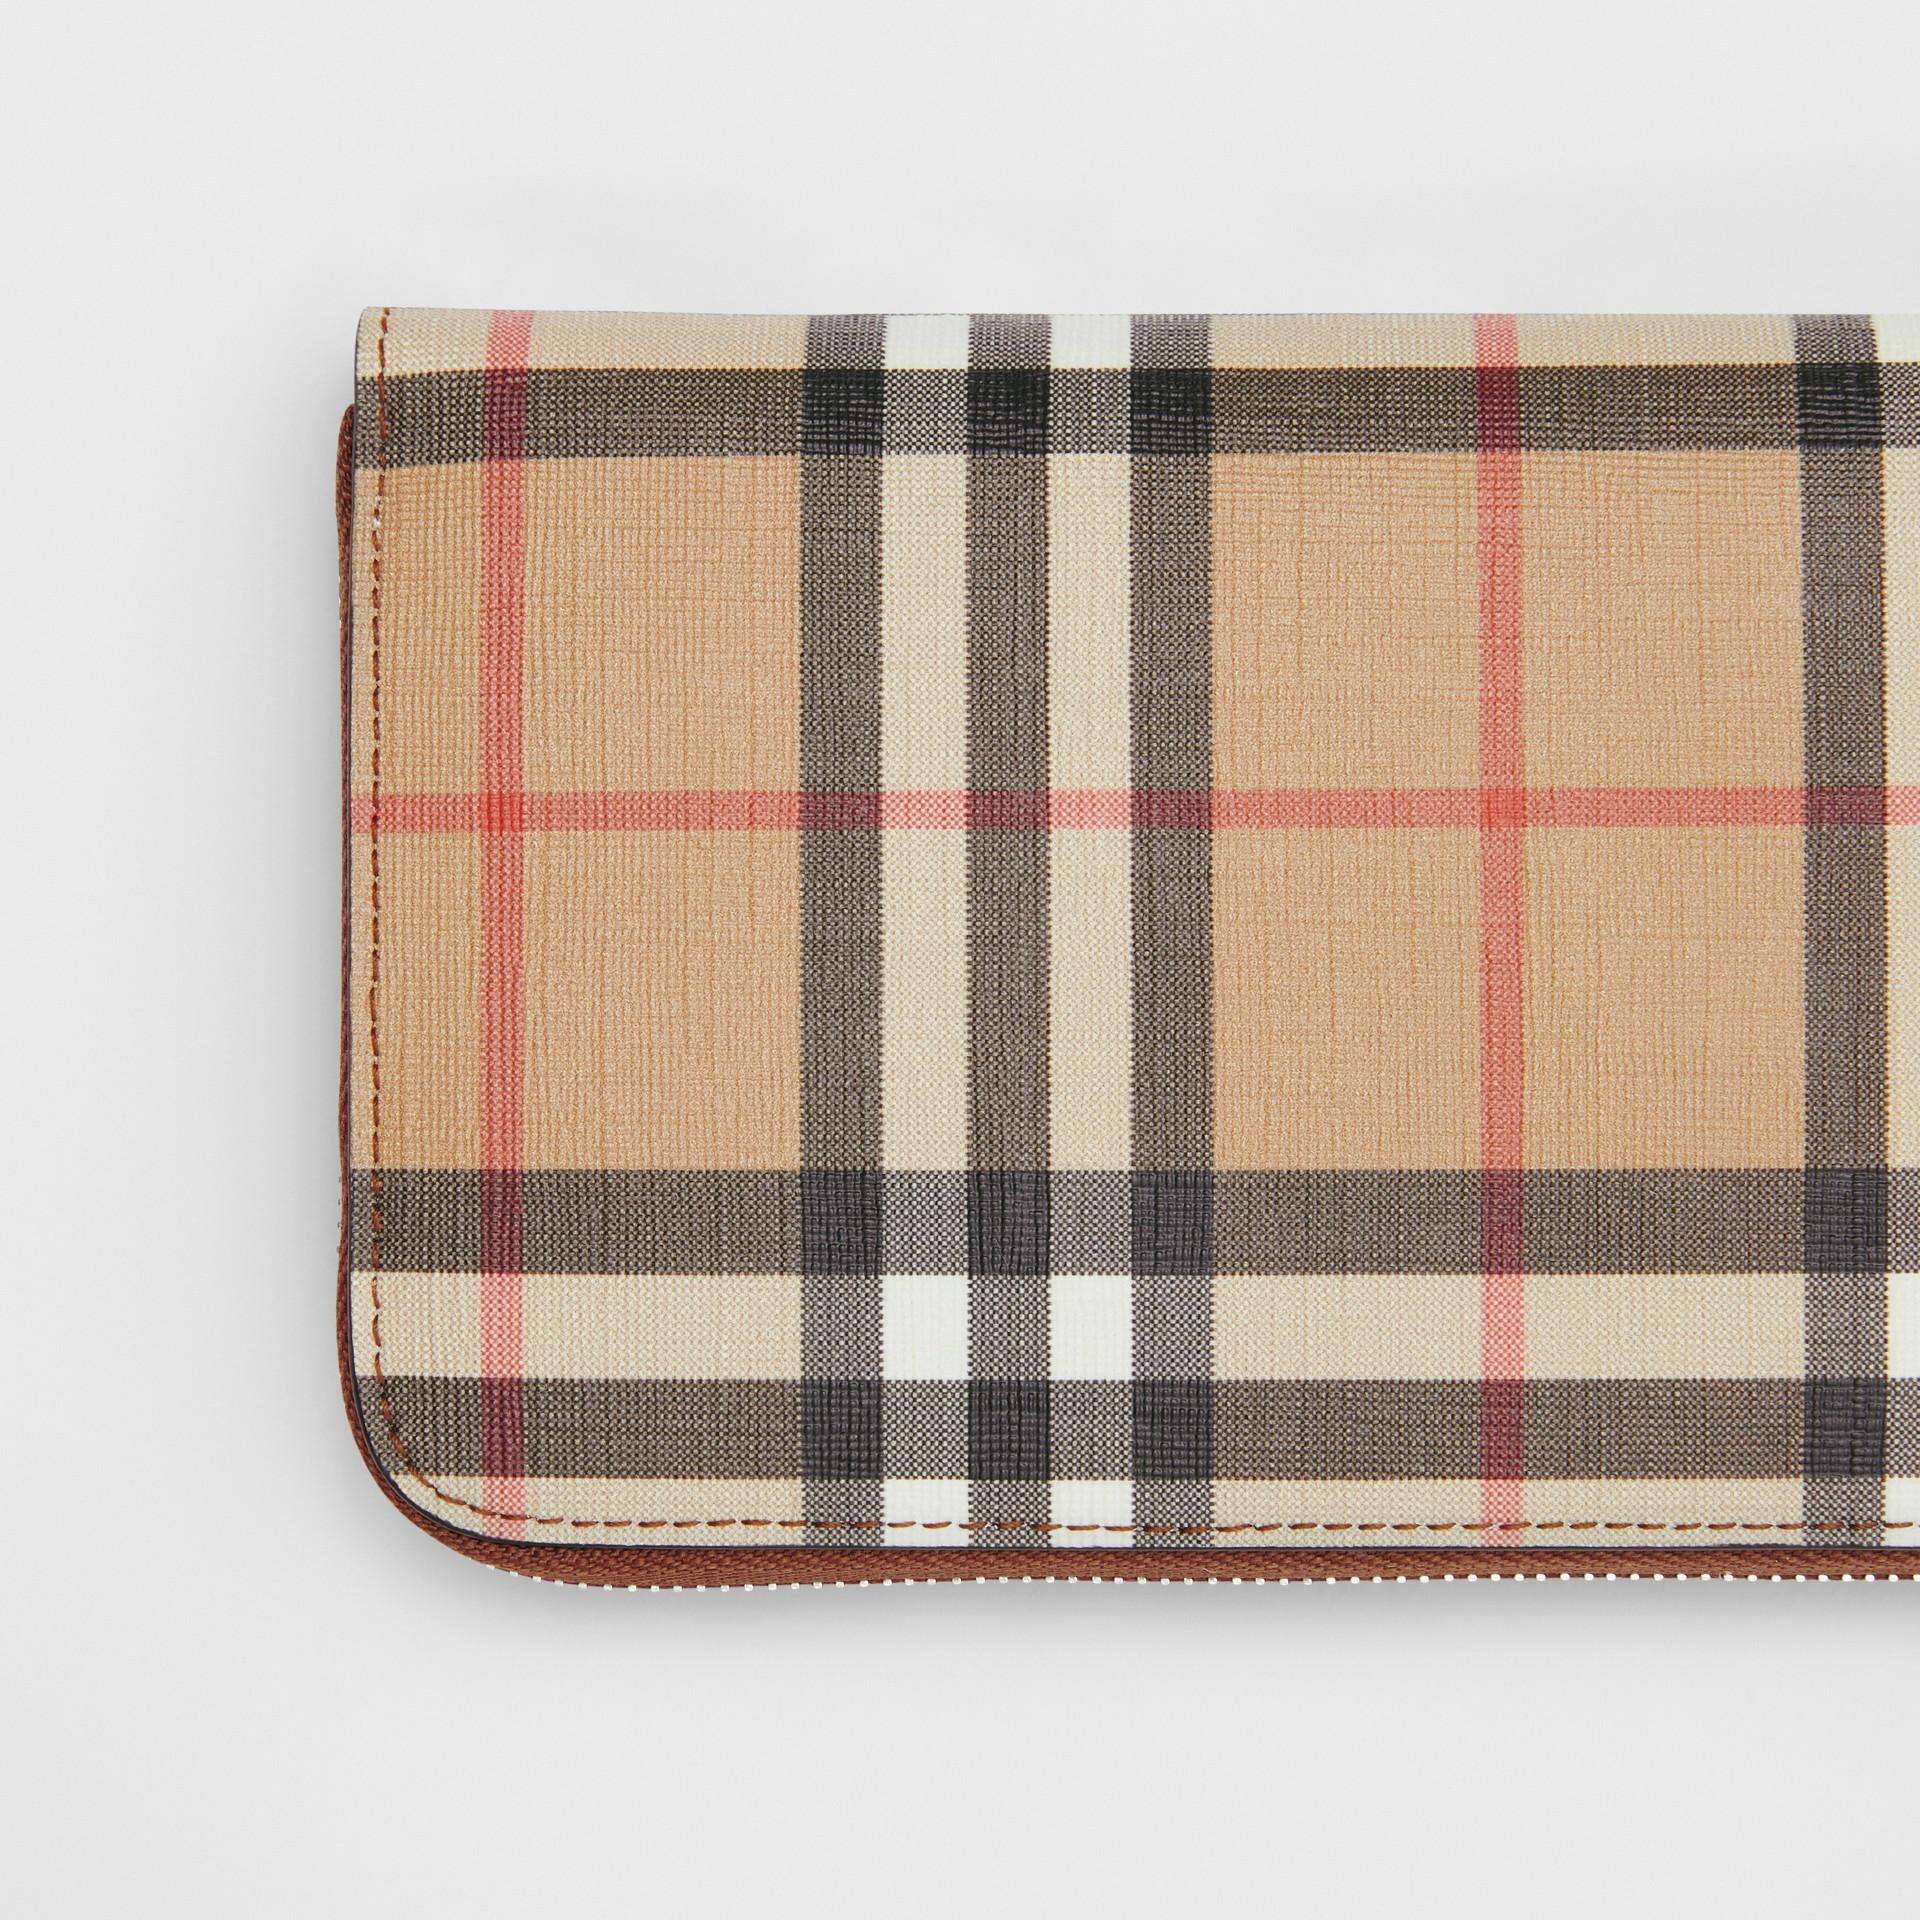 Portafoglio con cerniera in e-canvas con motivo Vintage check (Marrone Malto) - Donna | Burberry - immagine della galleria 1